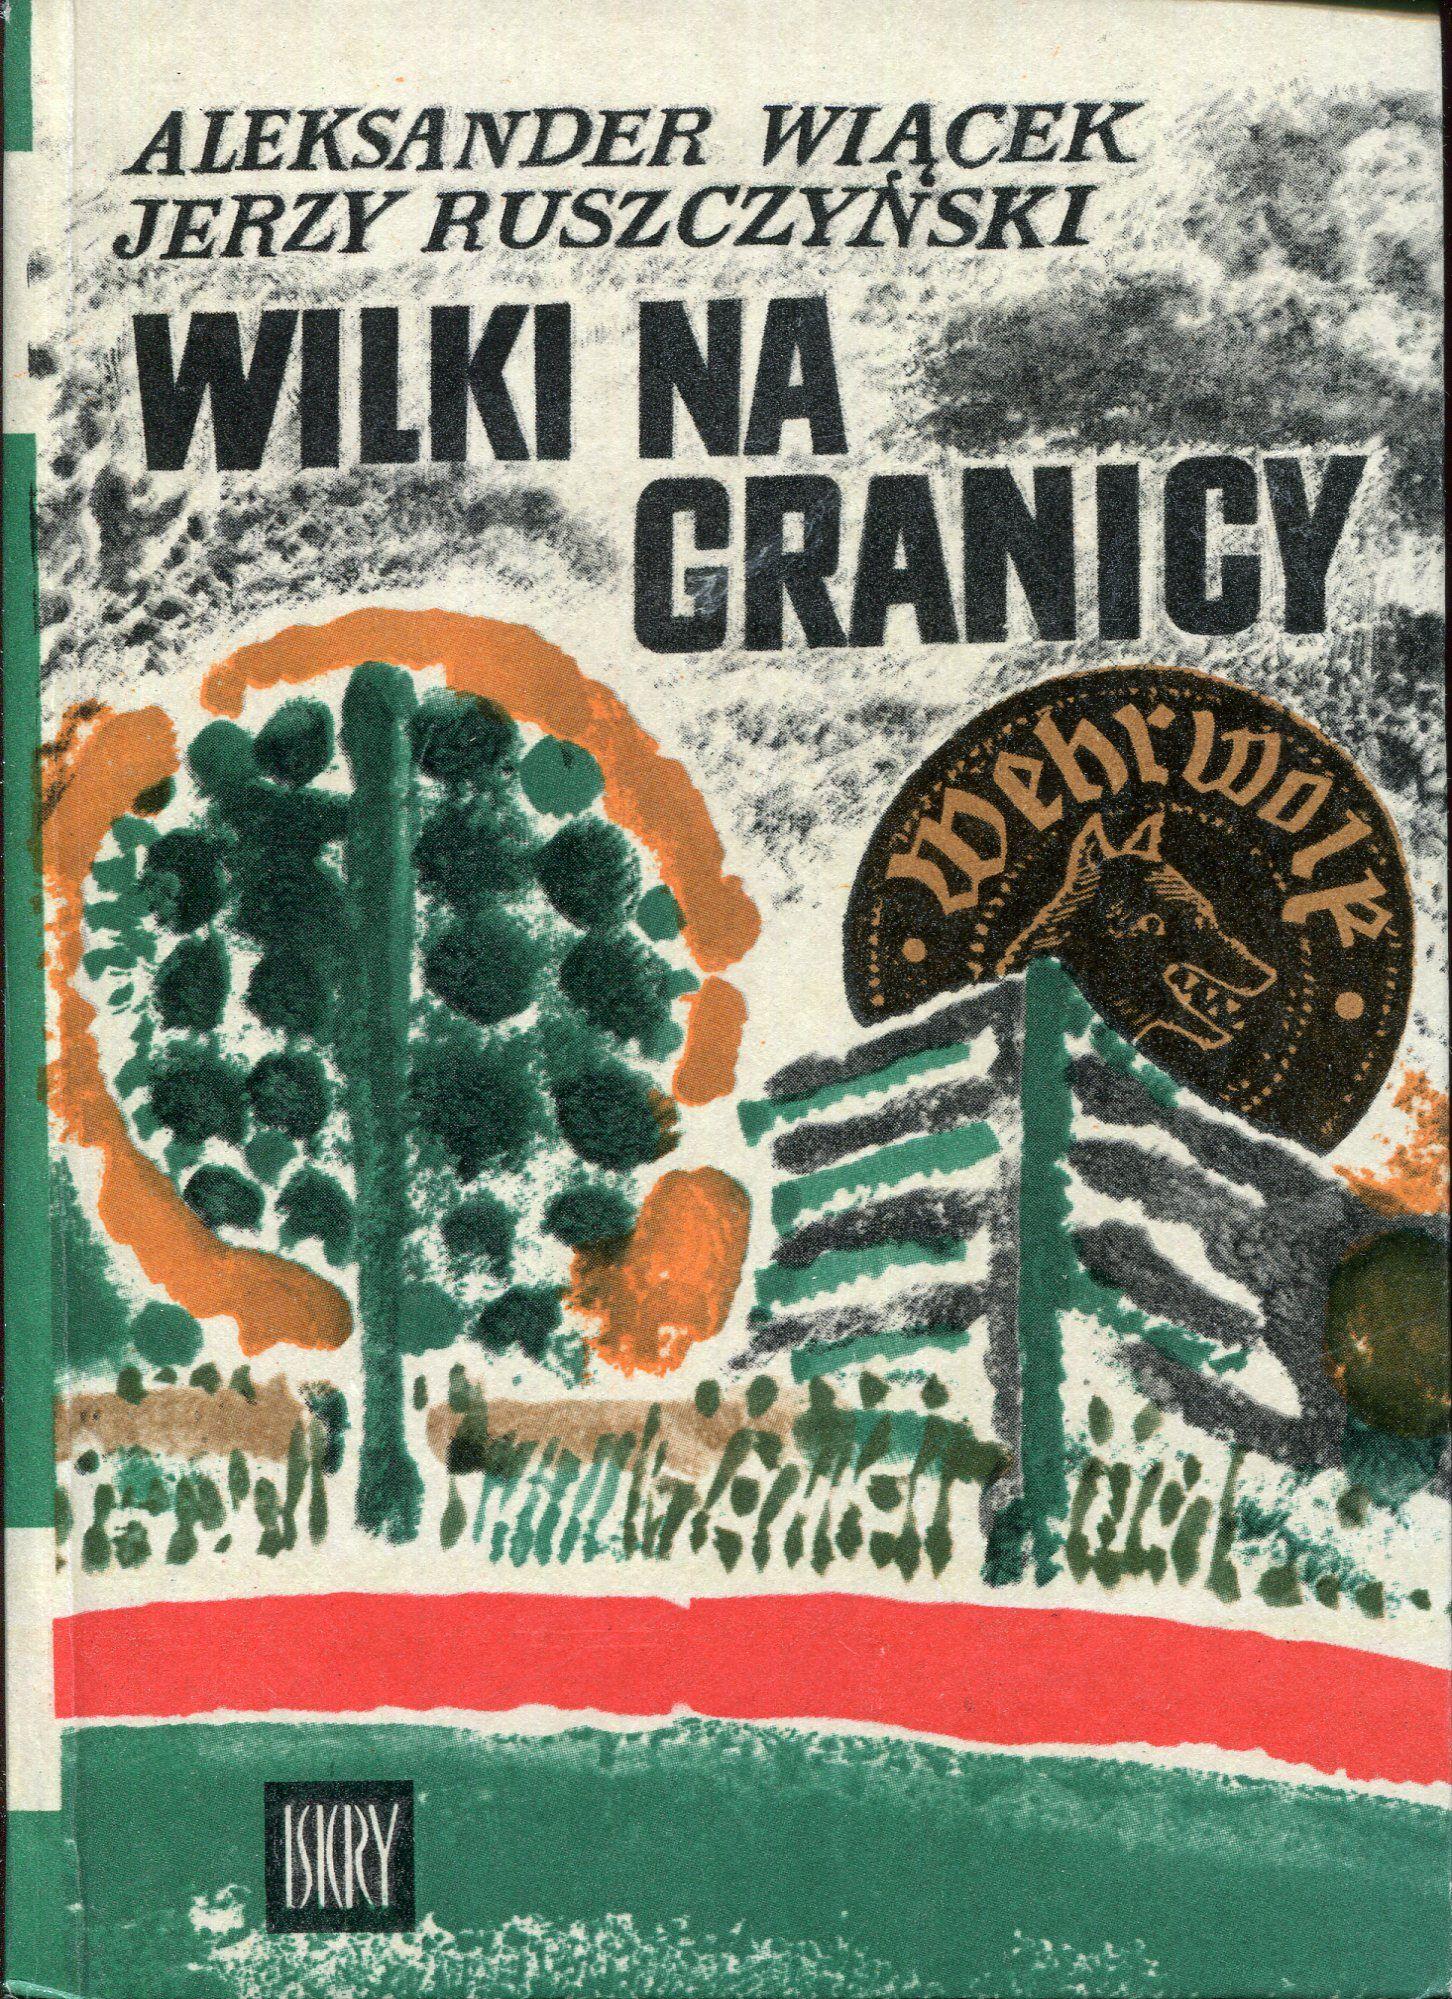 Wilki Na Granicy Aleksander Wiacek And Jerzy Ruszczynski Cover By Marian Stachurski Book Series Z Kogutem Published By Wyda Book Cover Graphic Graphic Design